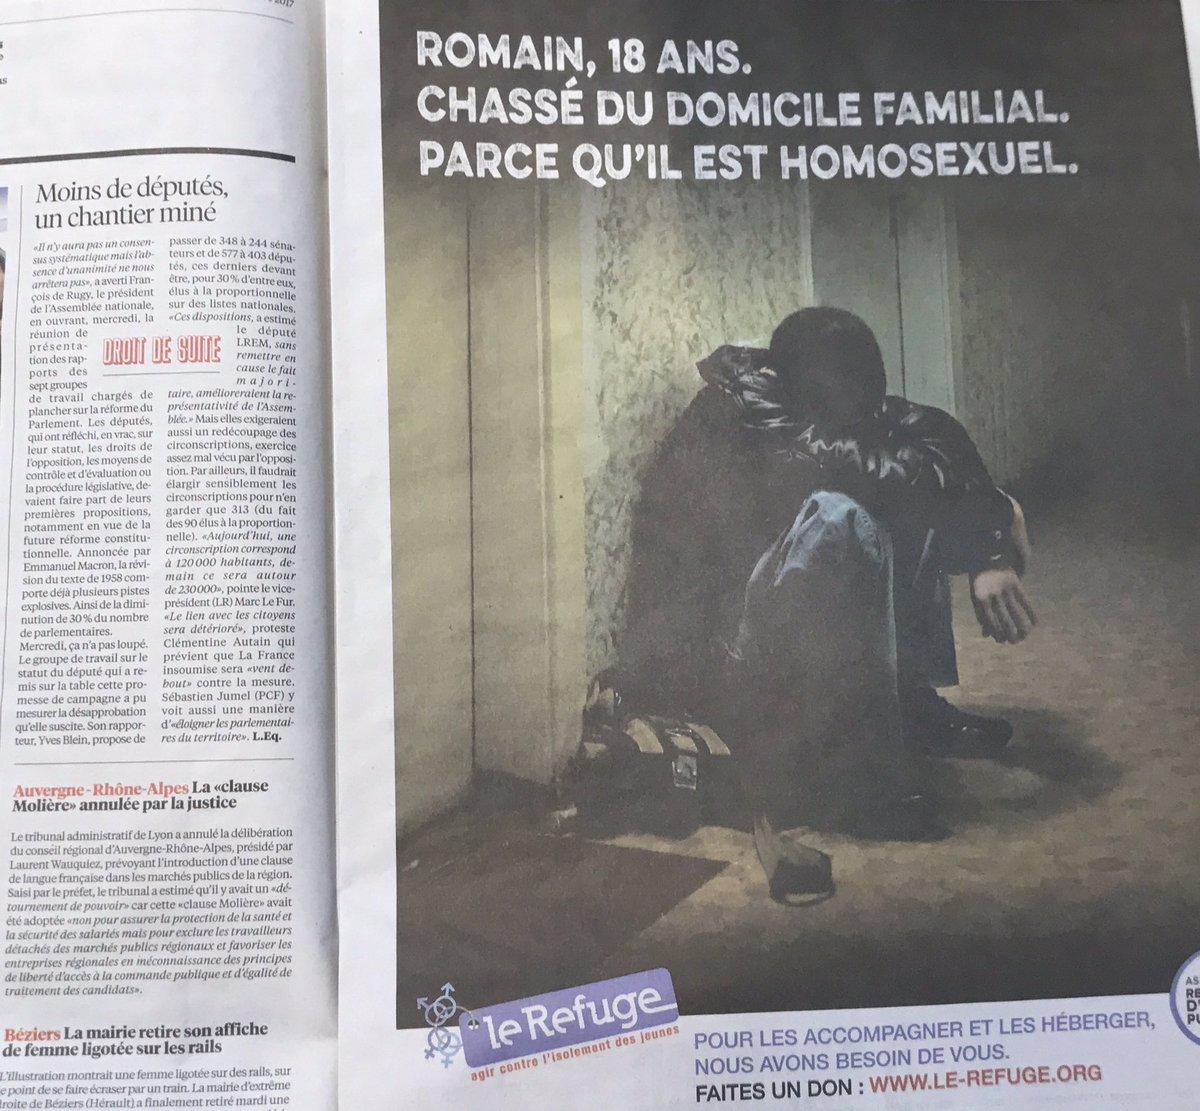 Un grand merci @libe pour la page offerte à l'asso @lerefuge à l'occasion de la campagne hivernale #FaitesUnDon  #Libération  pic.twitter.com/ZZNccf7Hyw